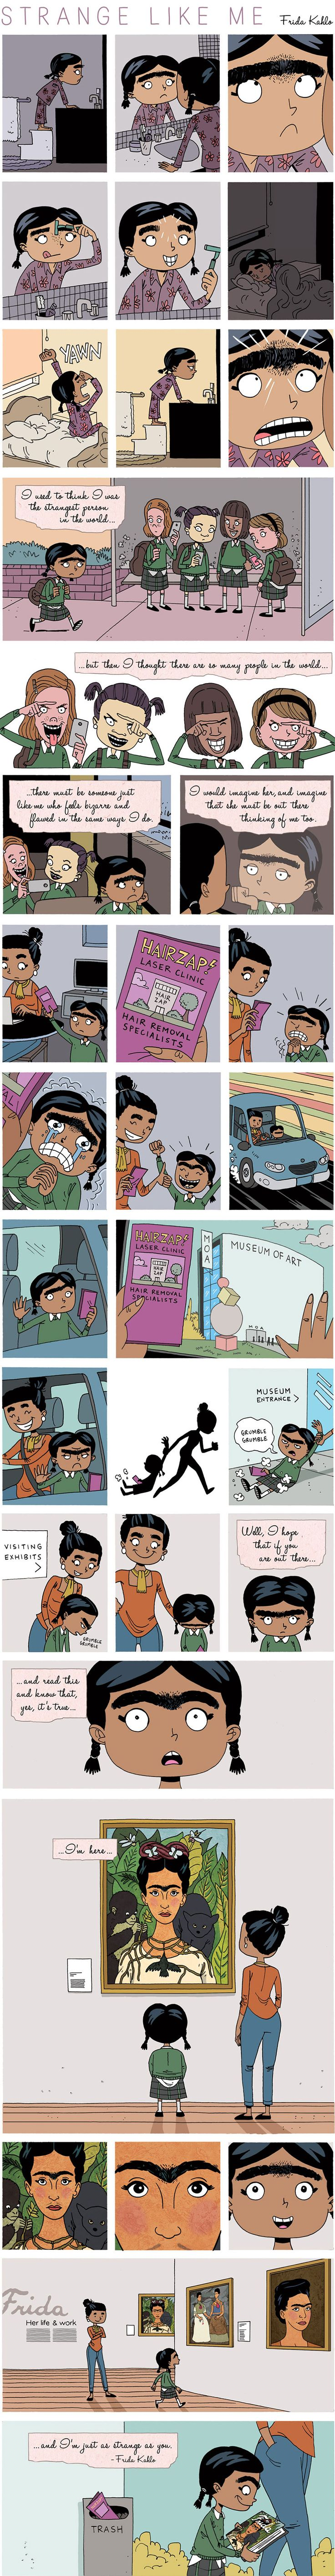 STRANGE LIKE ME - FRIDA KAHLO (Gavin Aung Than - Zen Pencils)